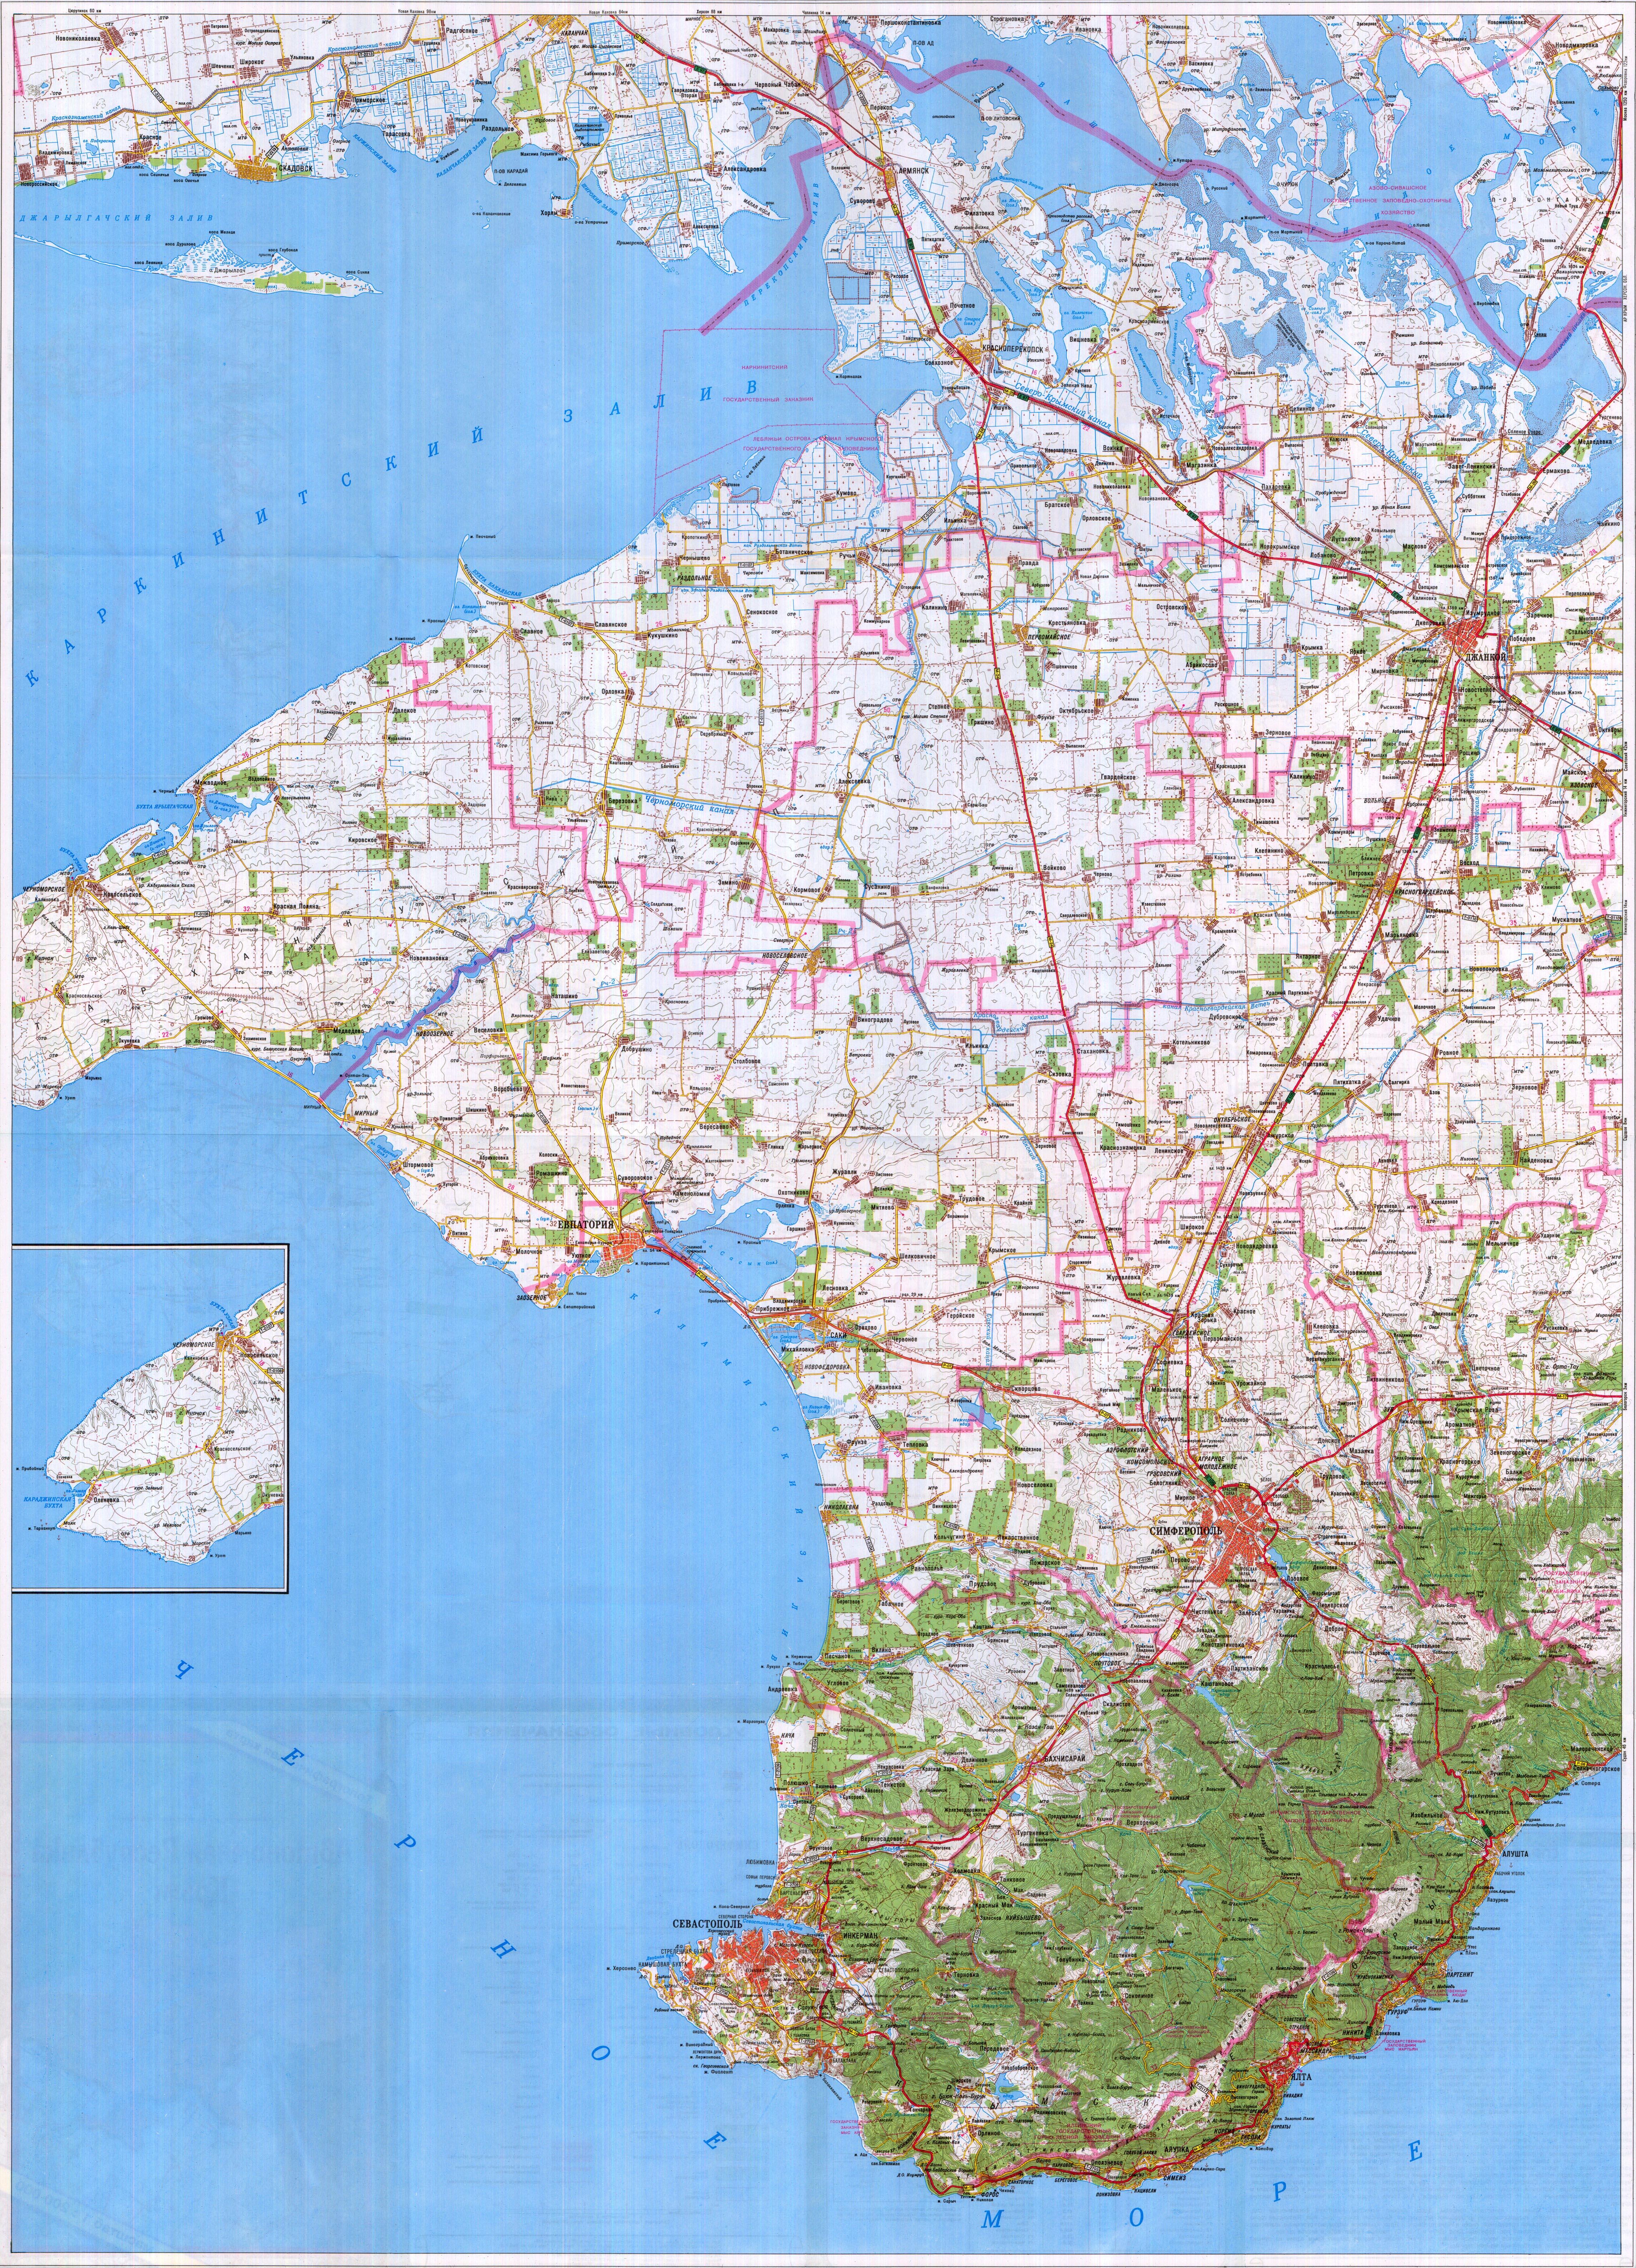 Atlas World Travels Bandra Branch Mumbai Maharashtra